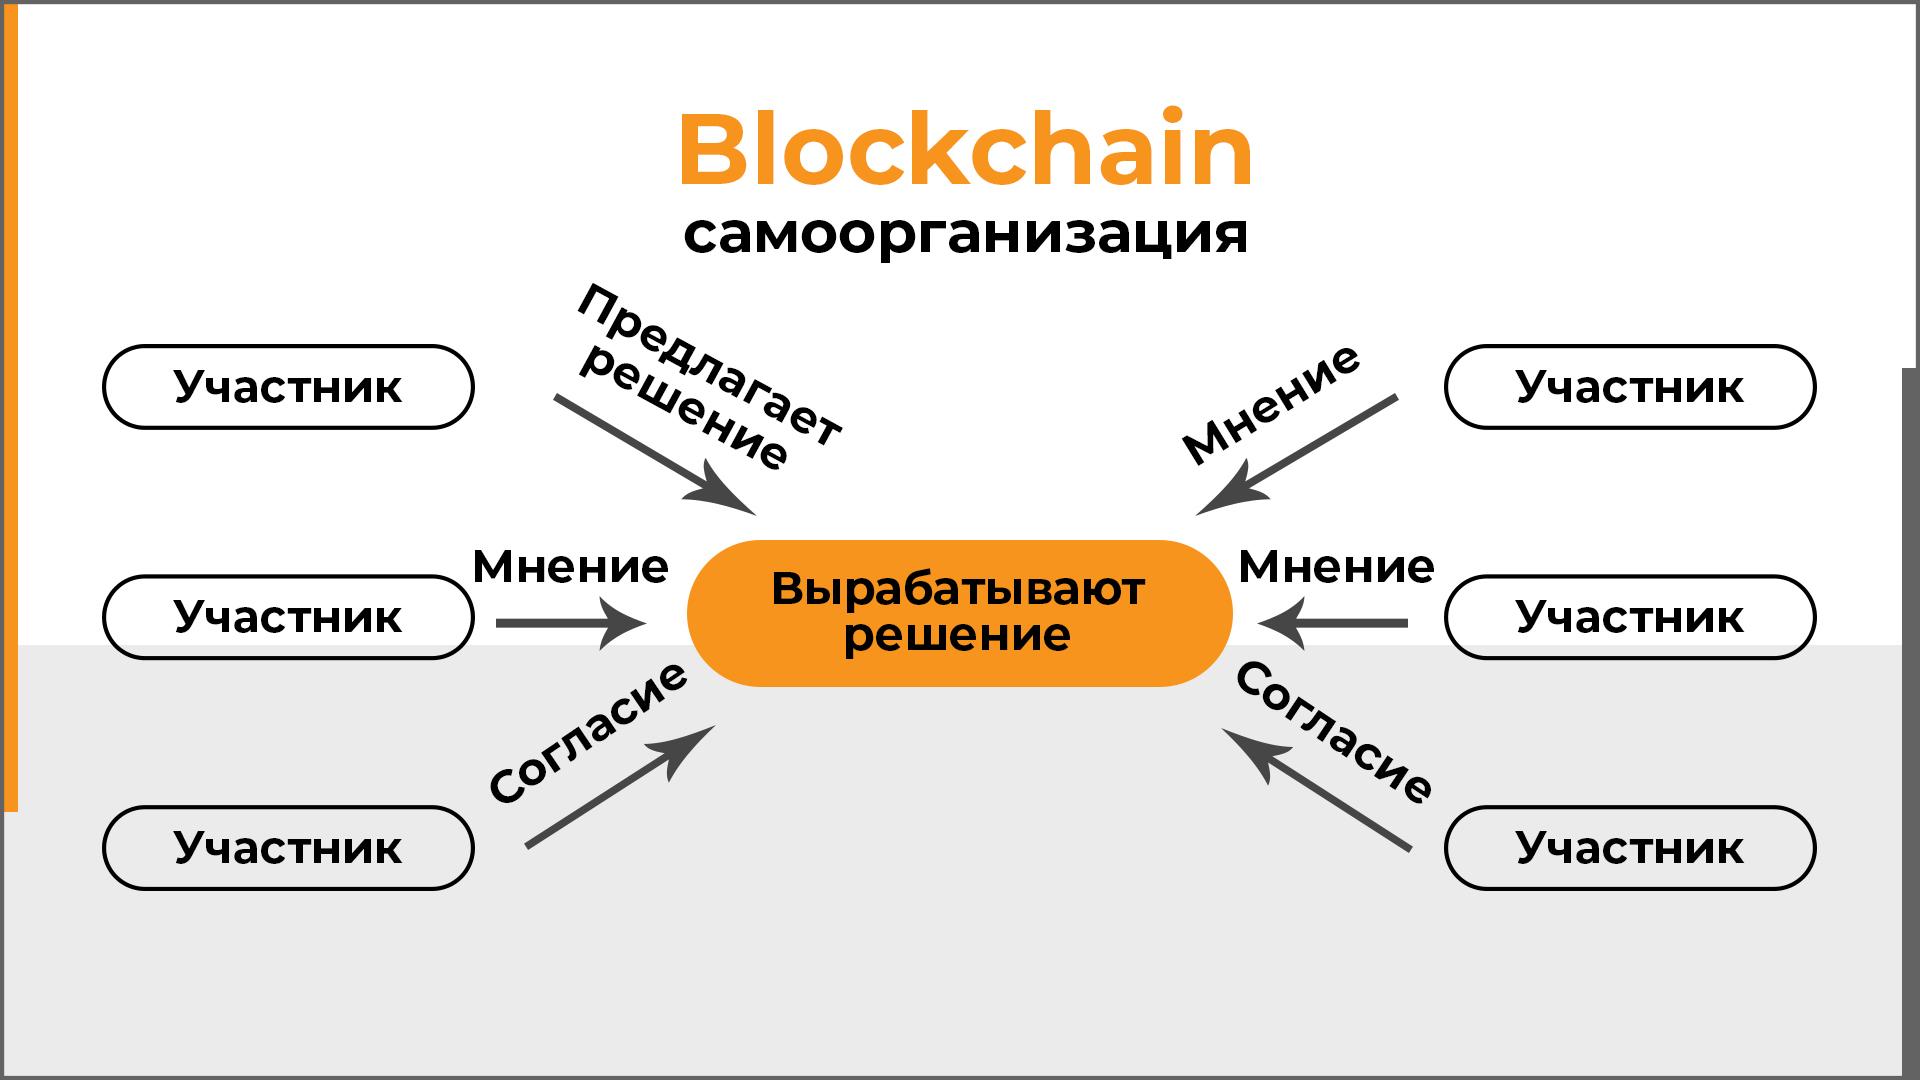 Samoorganizaciya v tekhnologii blokchejn